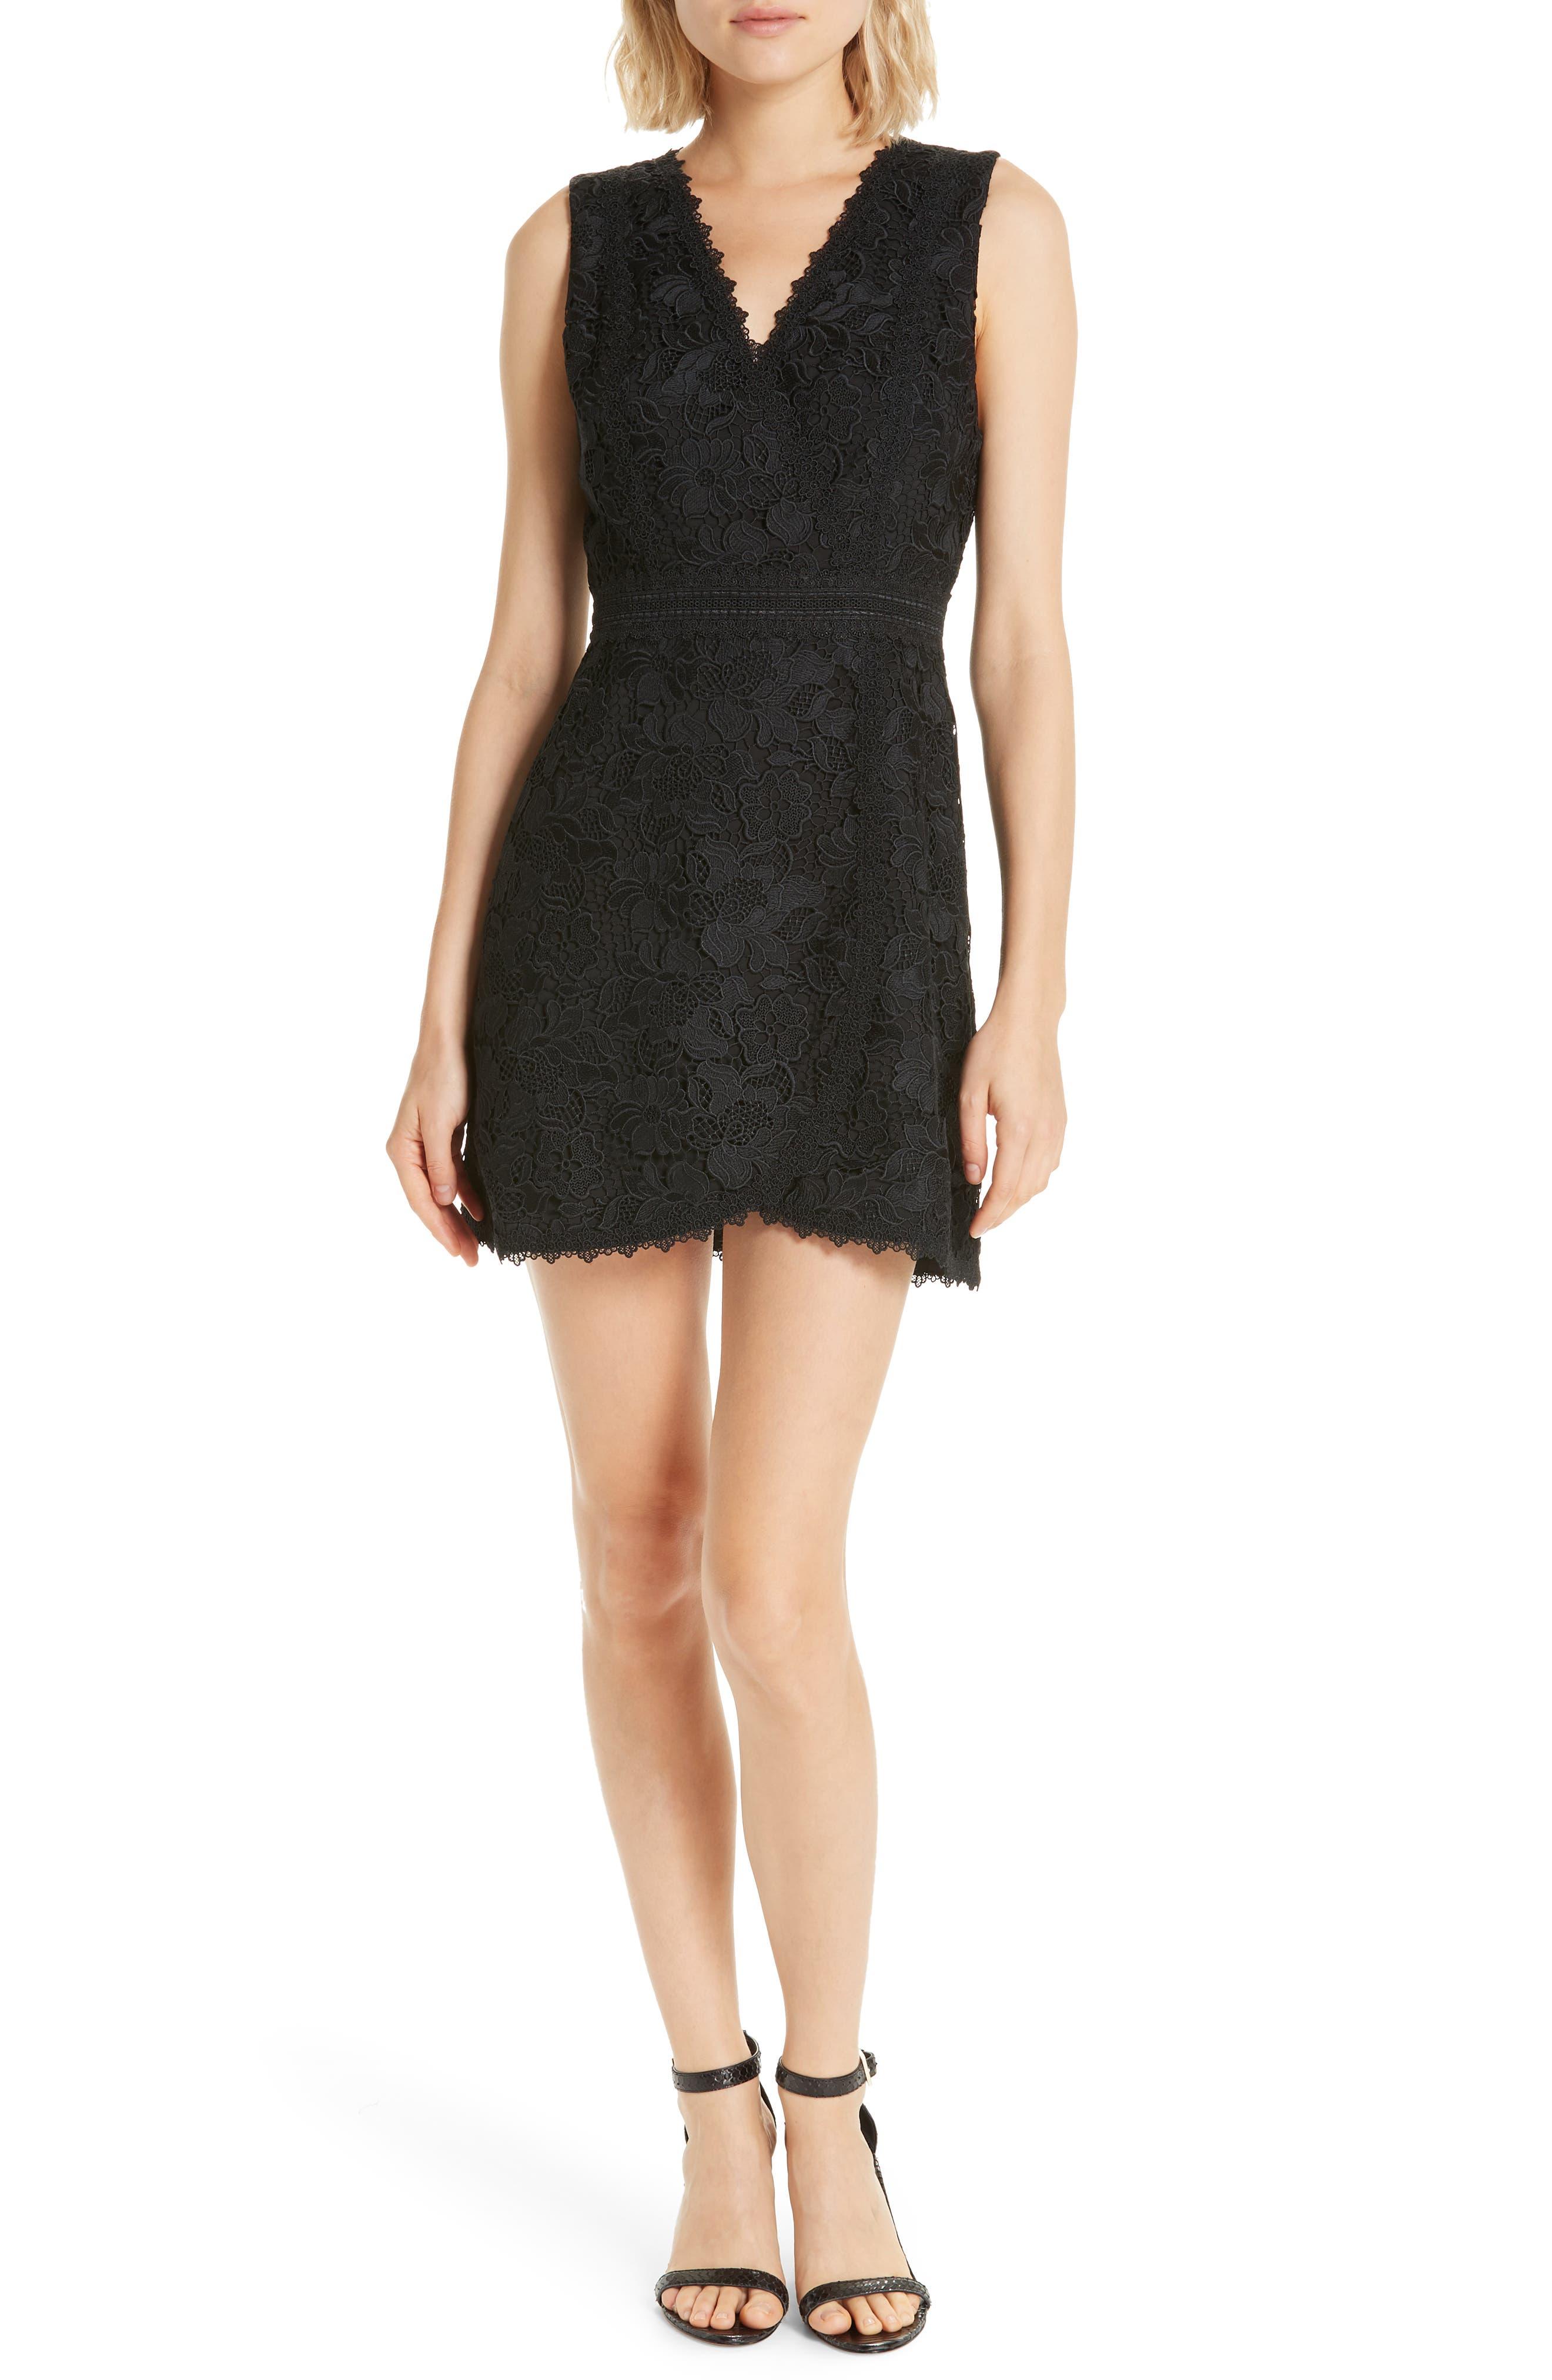 ALICE + OLIVIA, Lennon Lace Mini Dress, Main thumbnail 1, color, 001